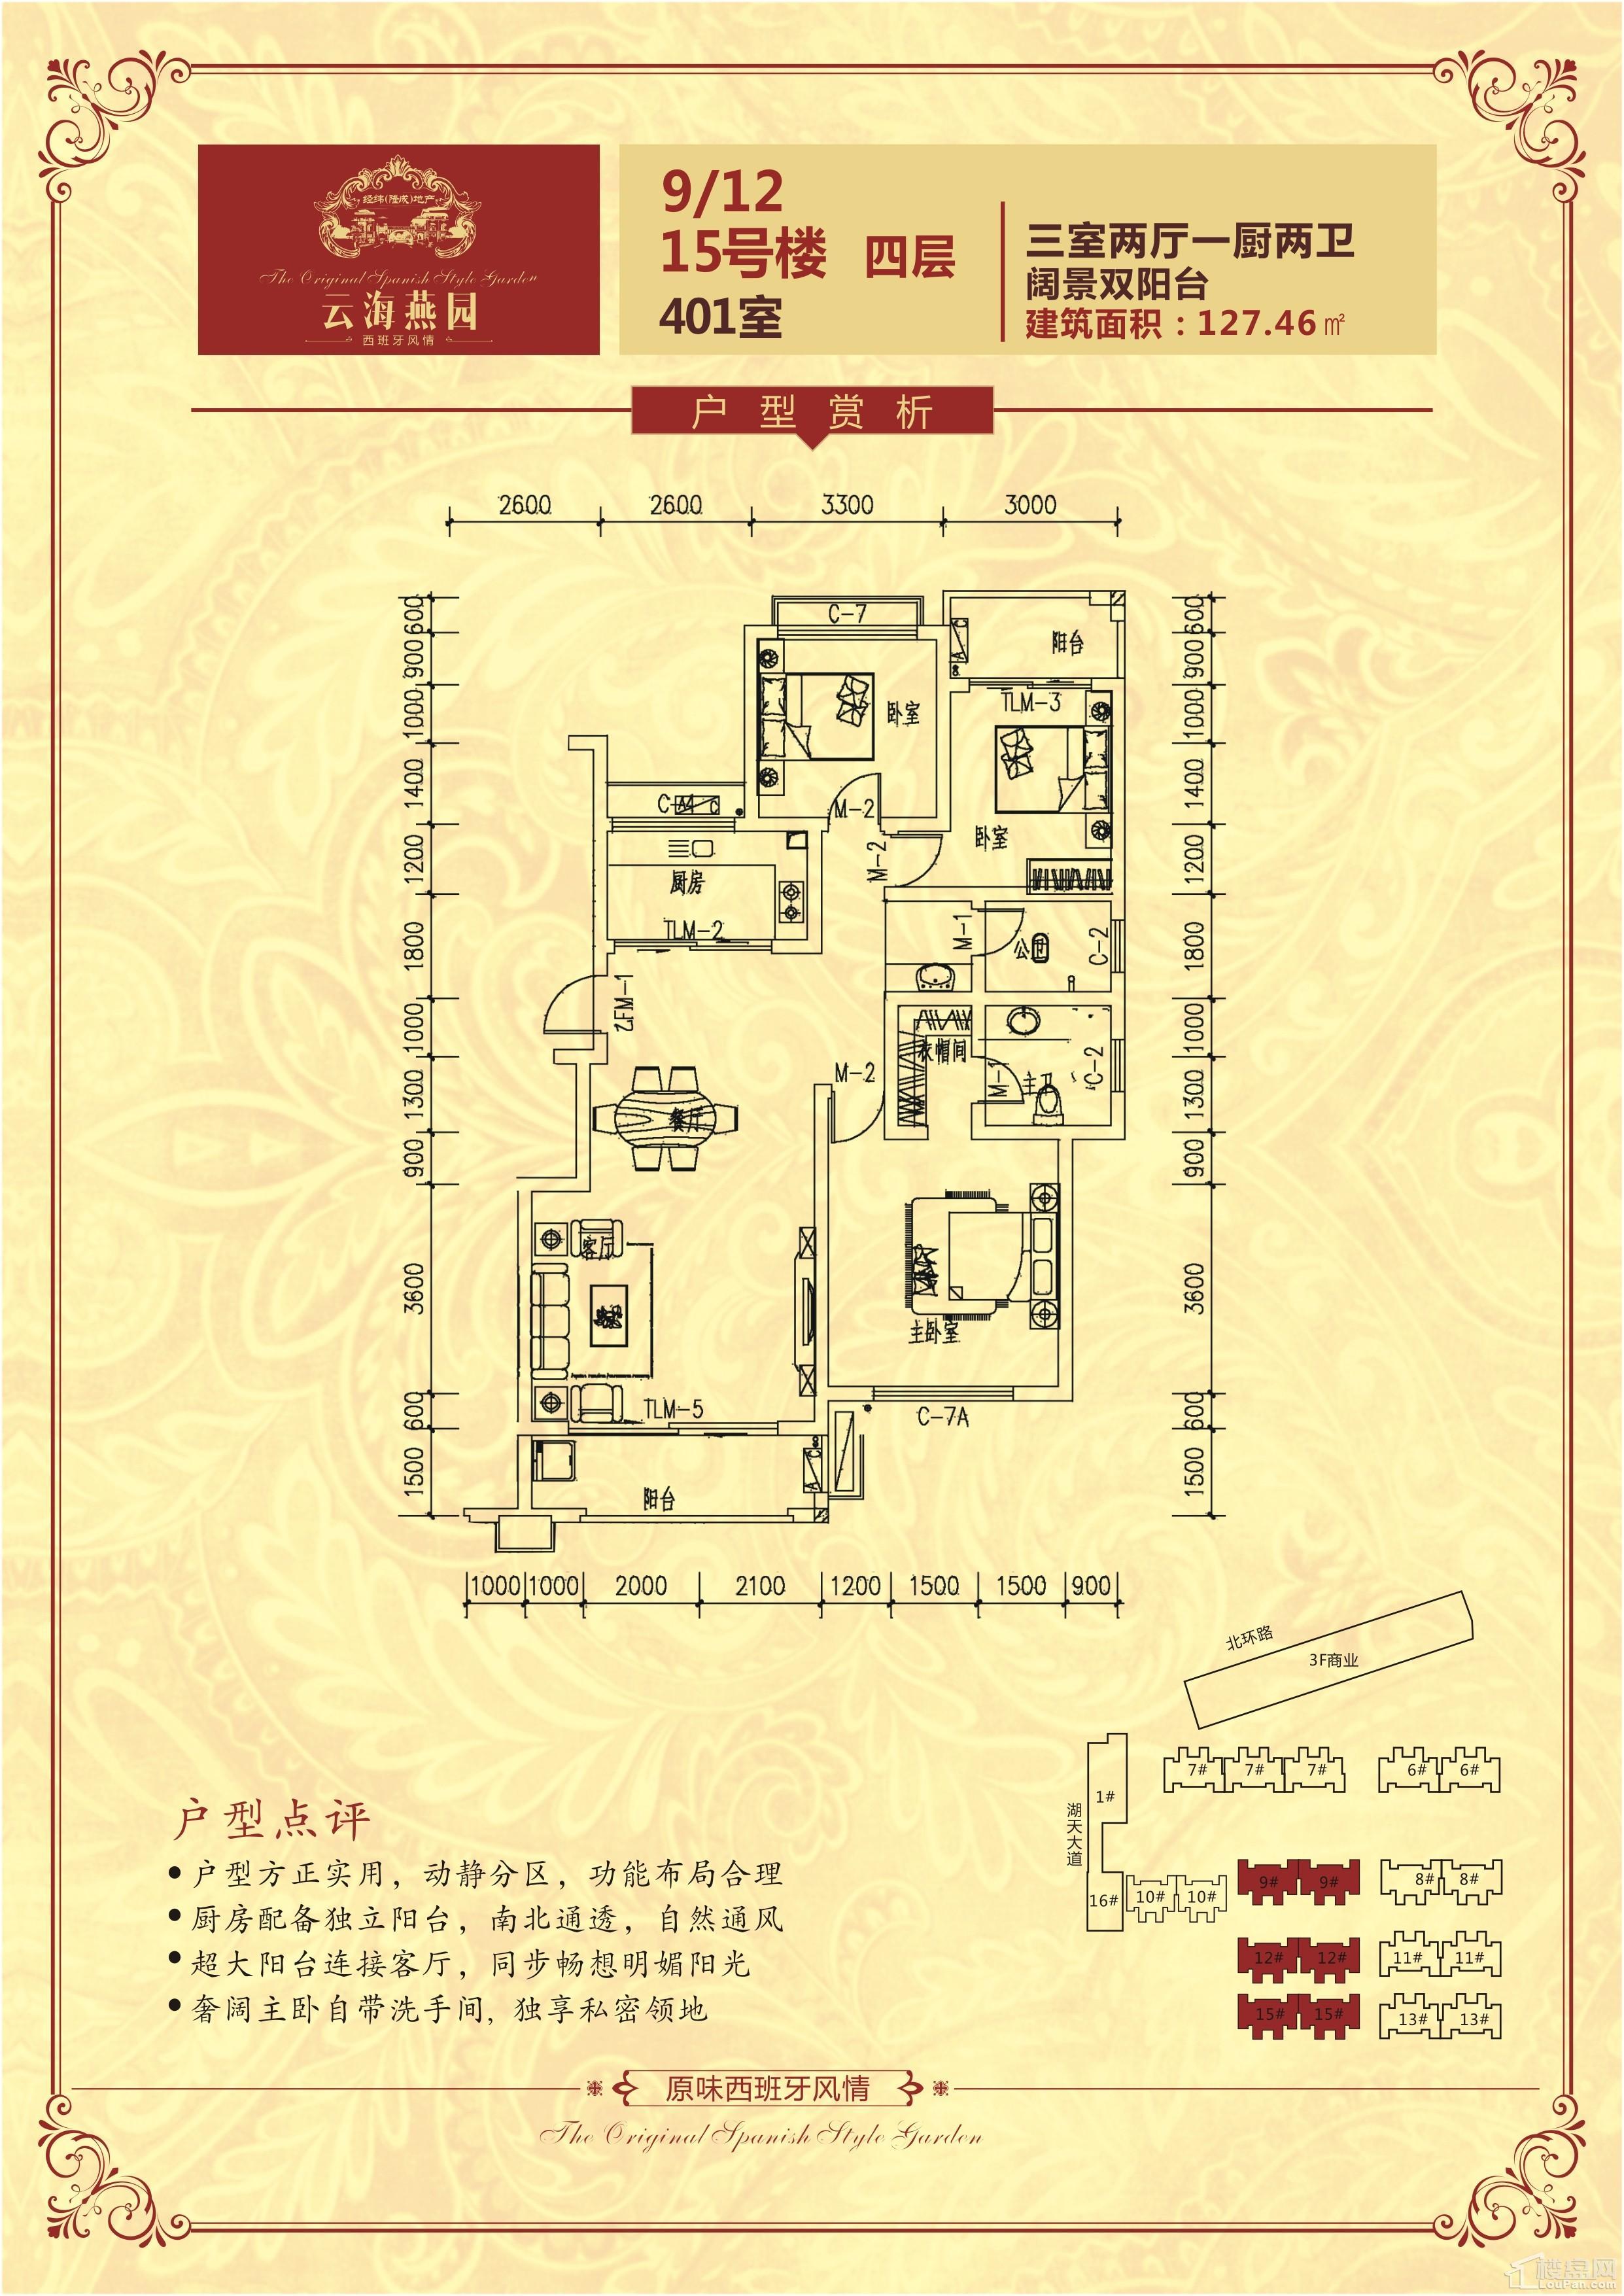 户型(9/12/15号楼)四层